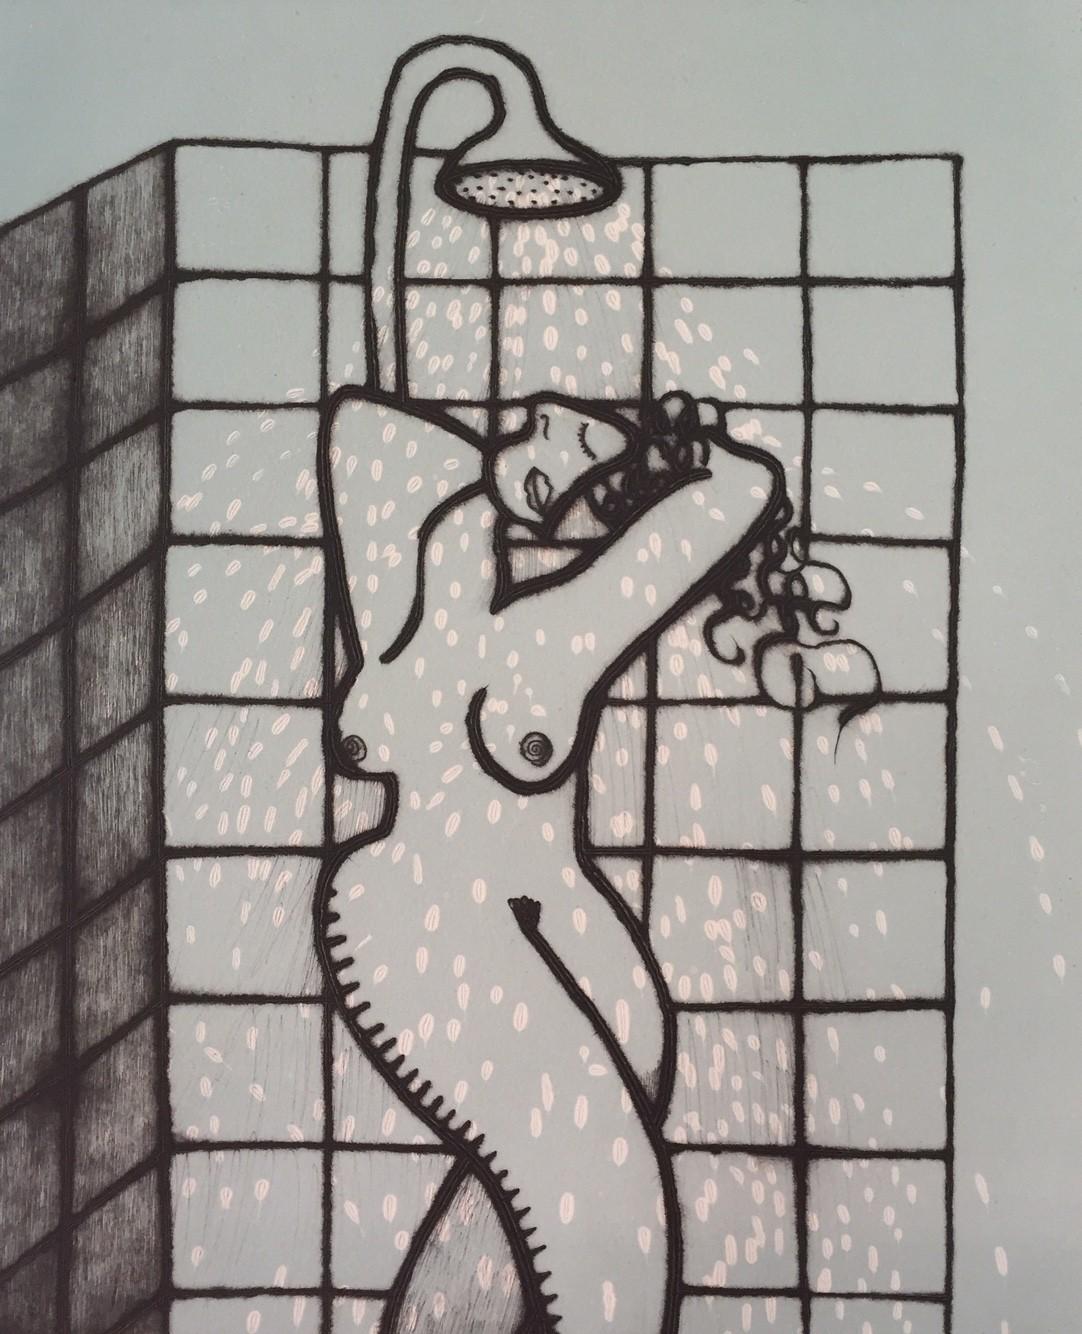 Showering I     Ed. 20/150     43 x 35 cm